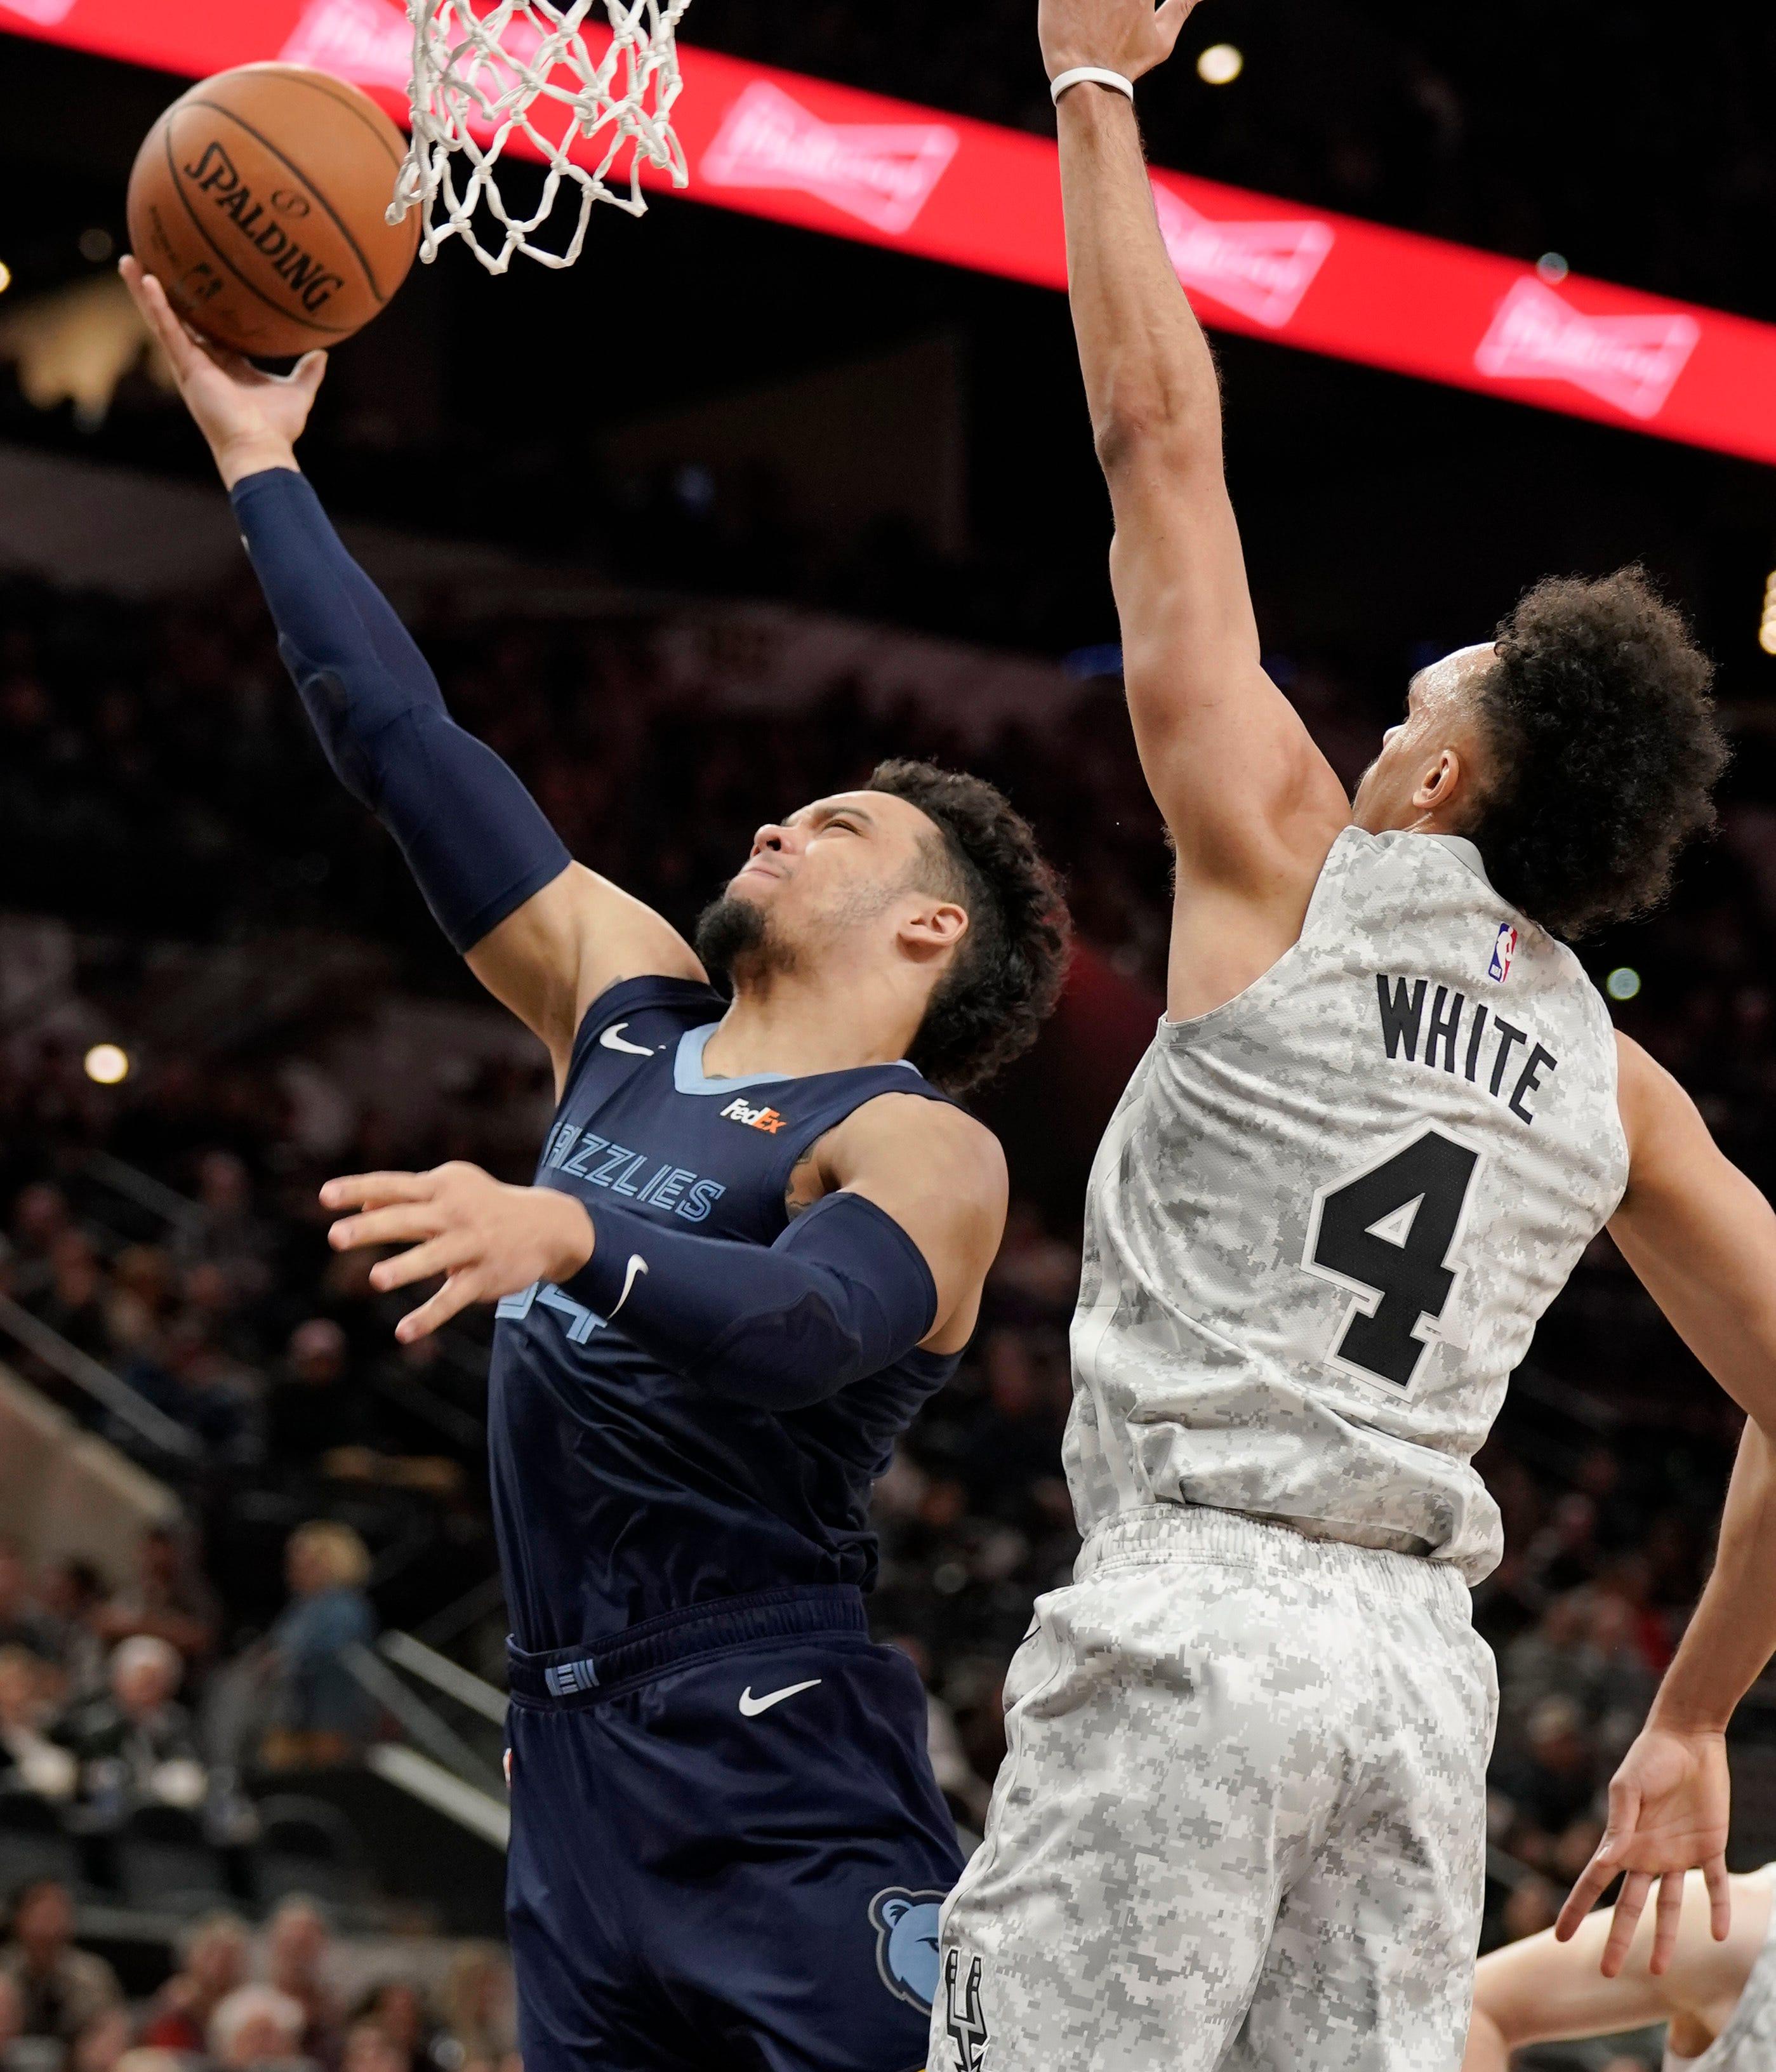 White, Aldridge lead Spurs past Grizzlies, 108-88